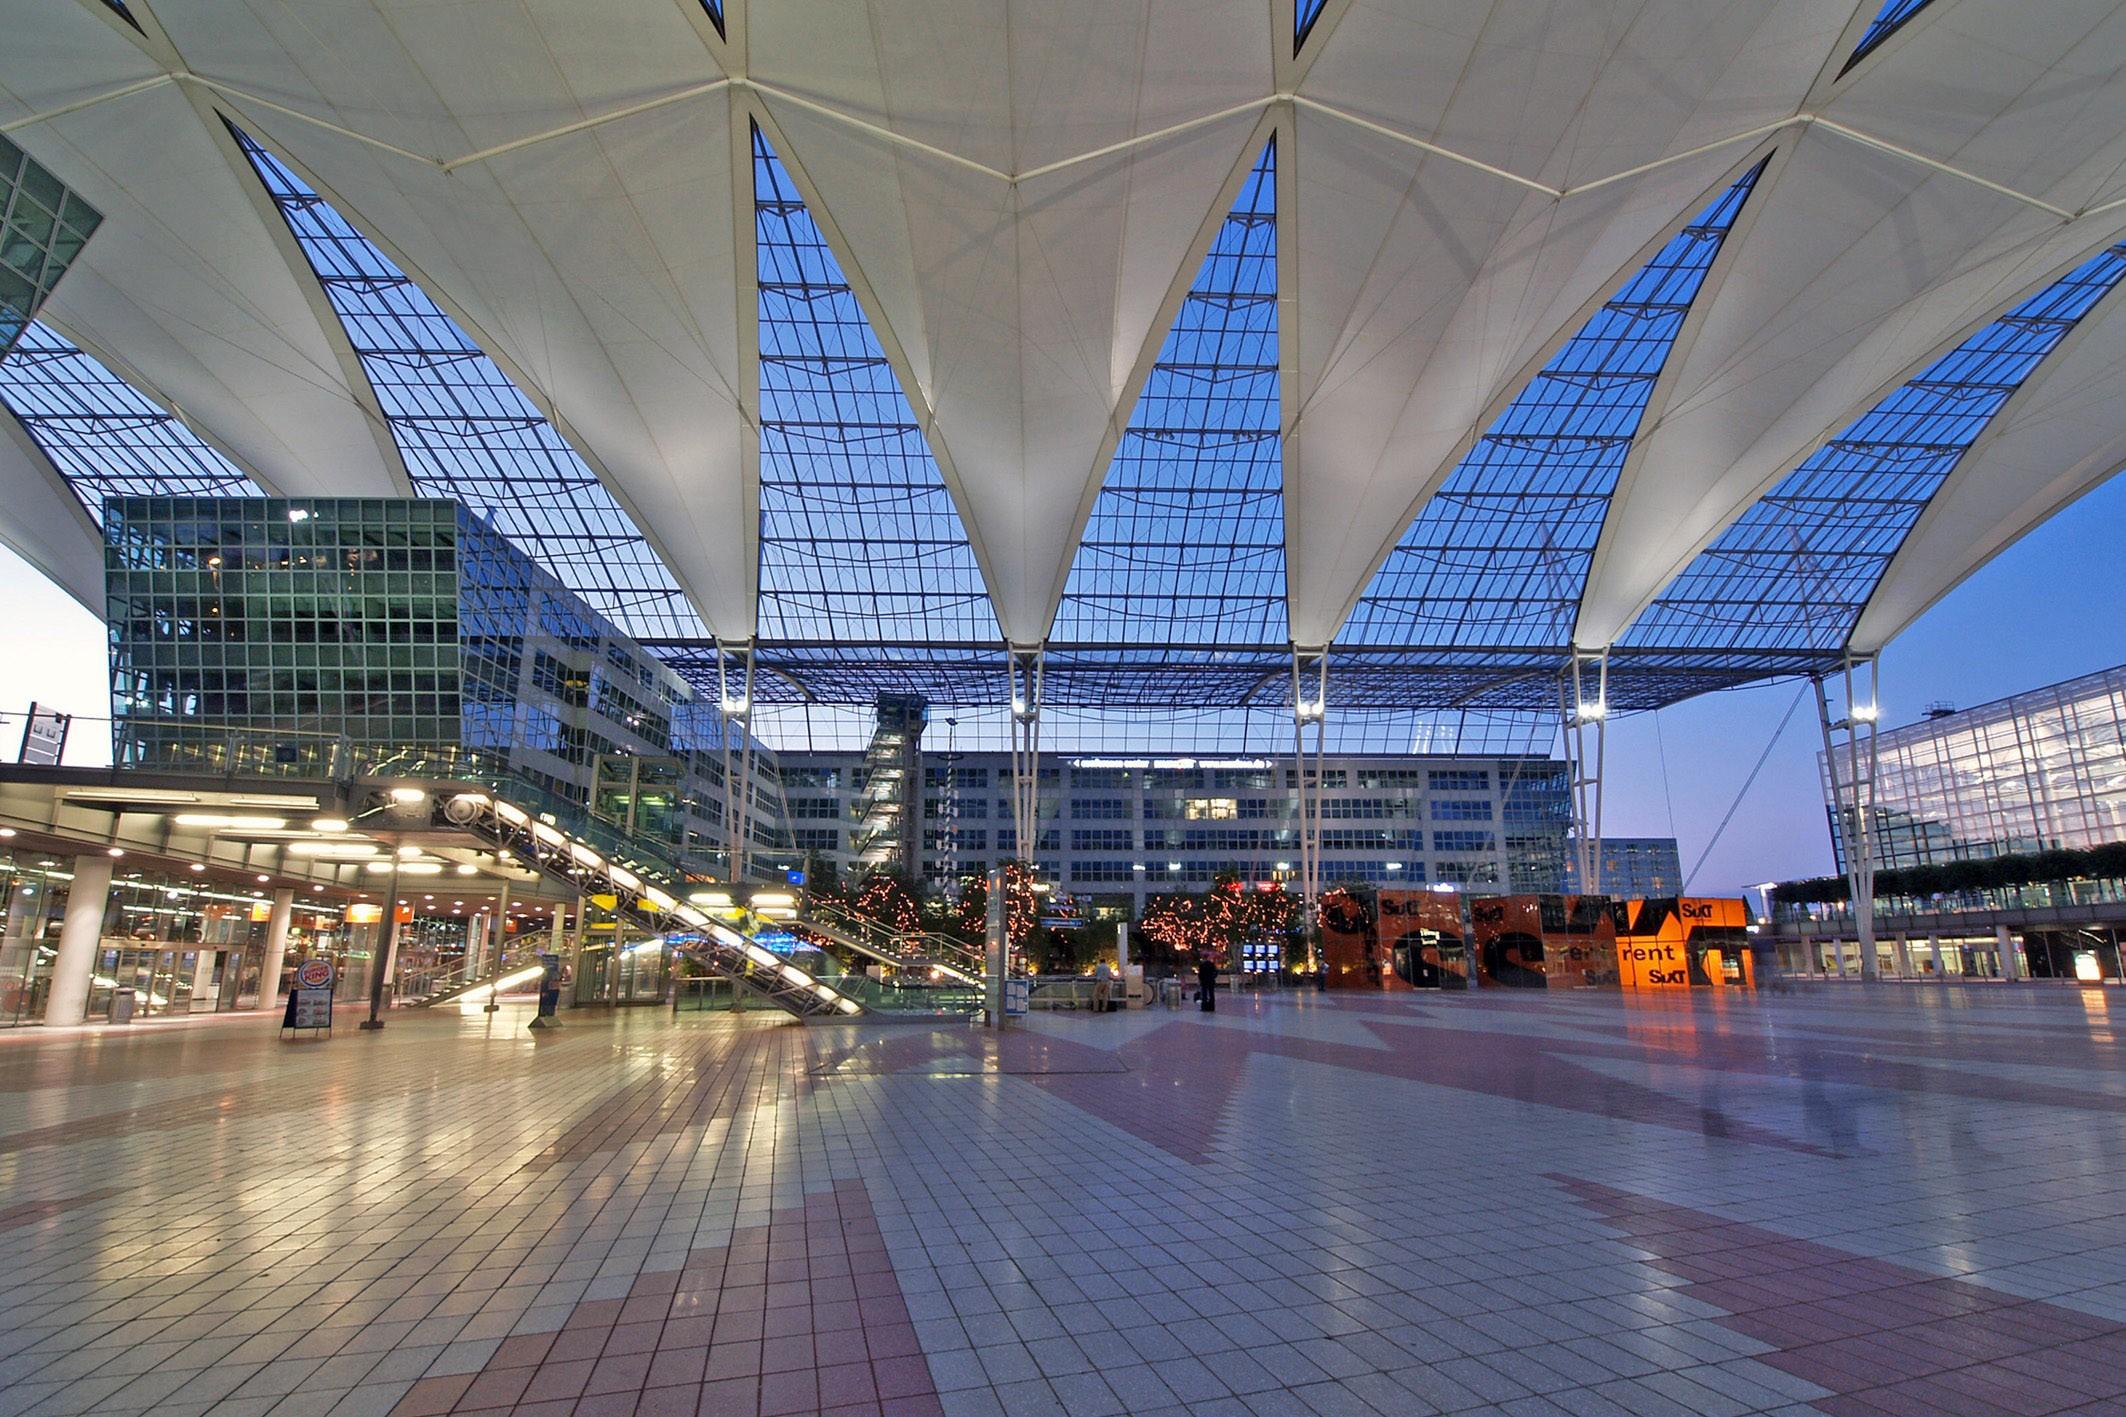 Sân bay Munich Airport